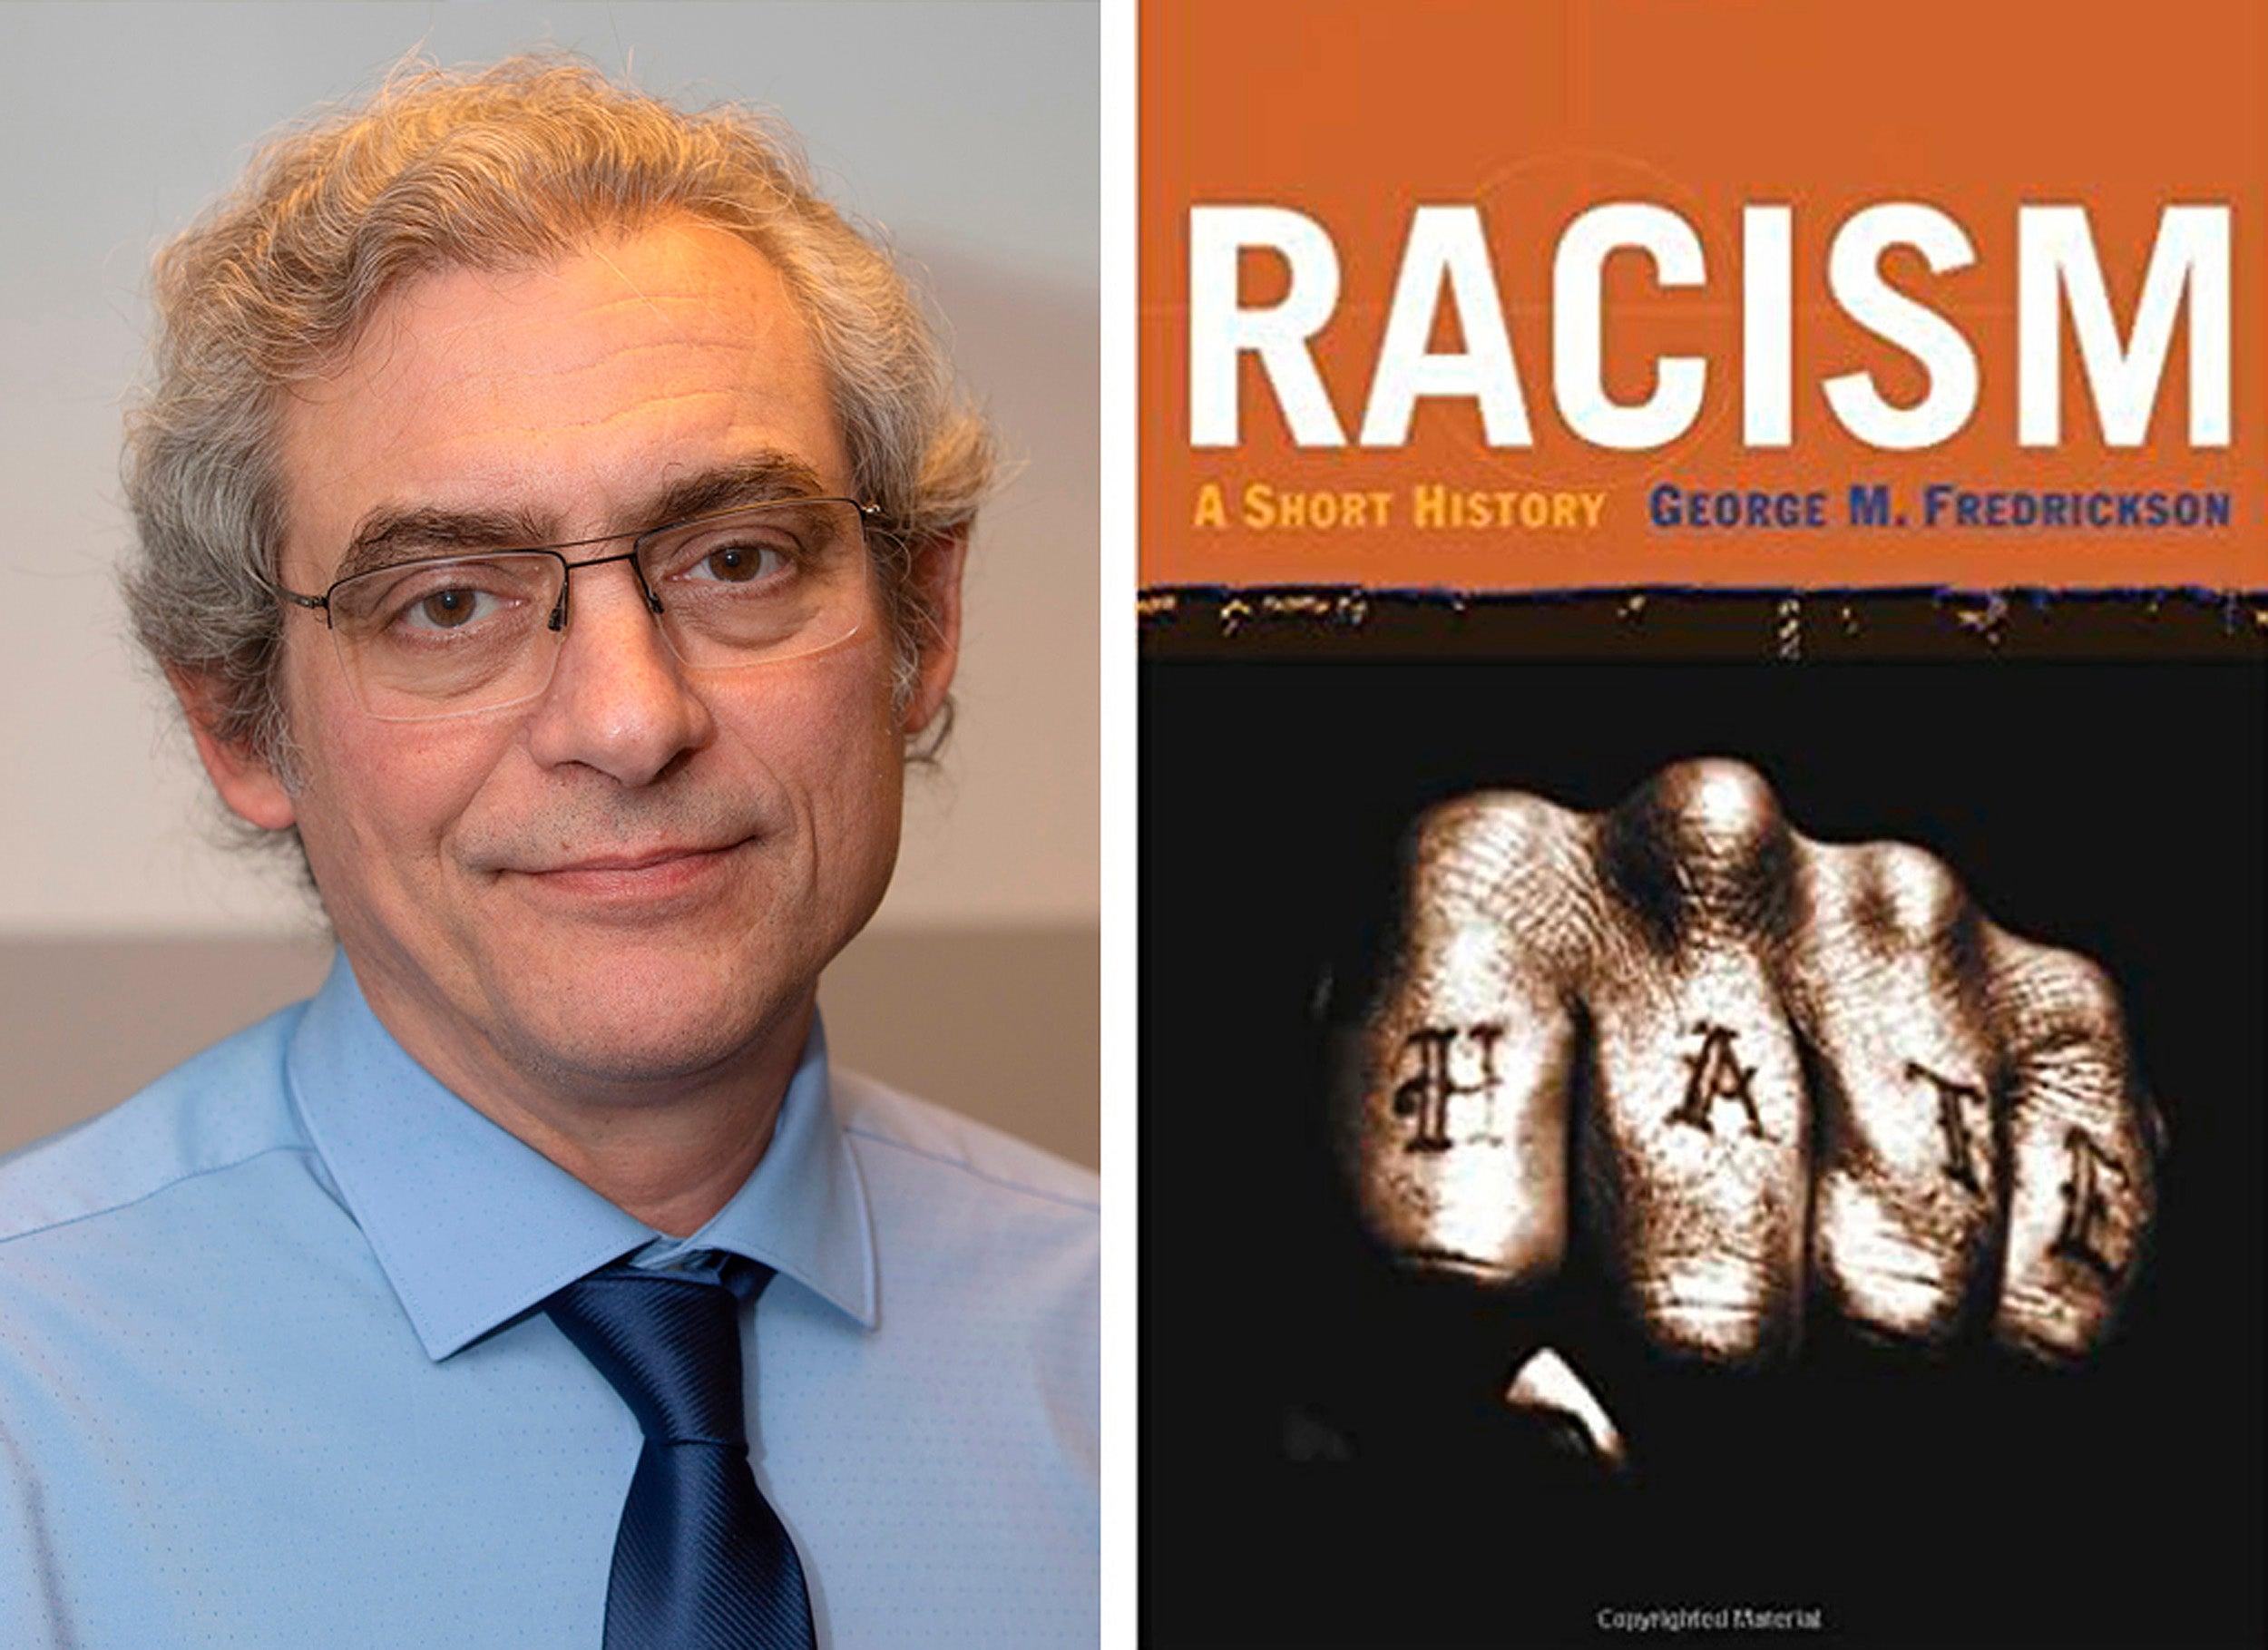 Alejandro de la Fuente and Racism book cover.